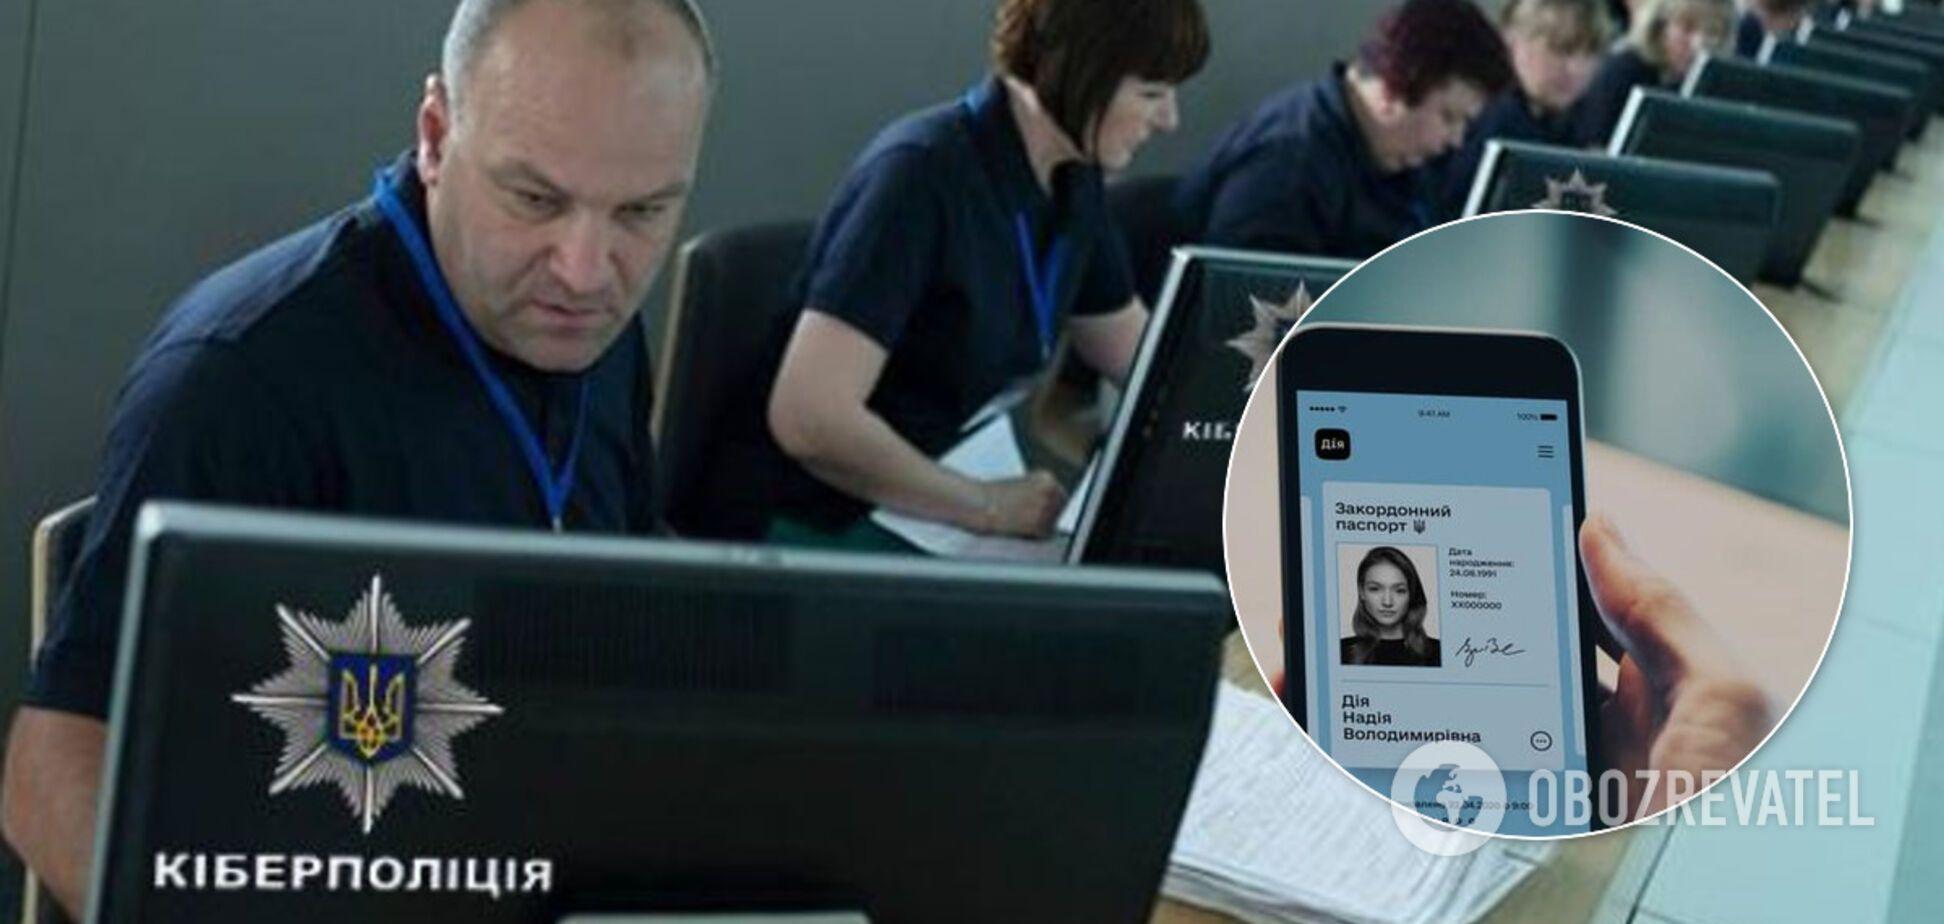 'Дію' зламали? Поліція оприлюднила результати розслідування витоку даних українців